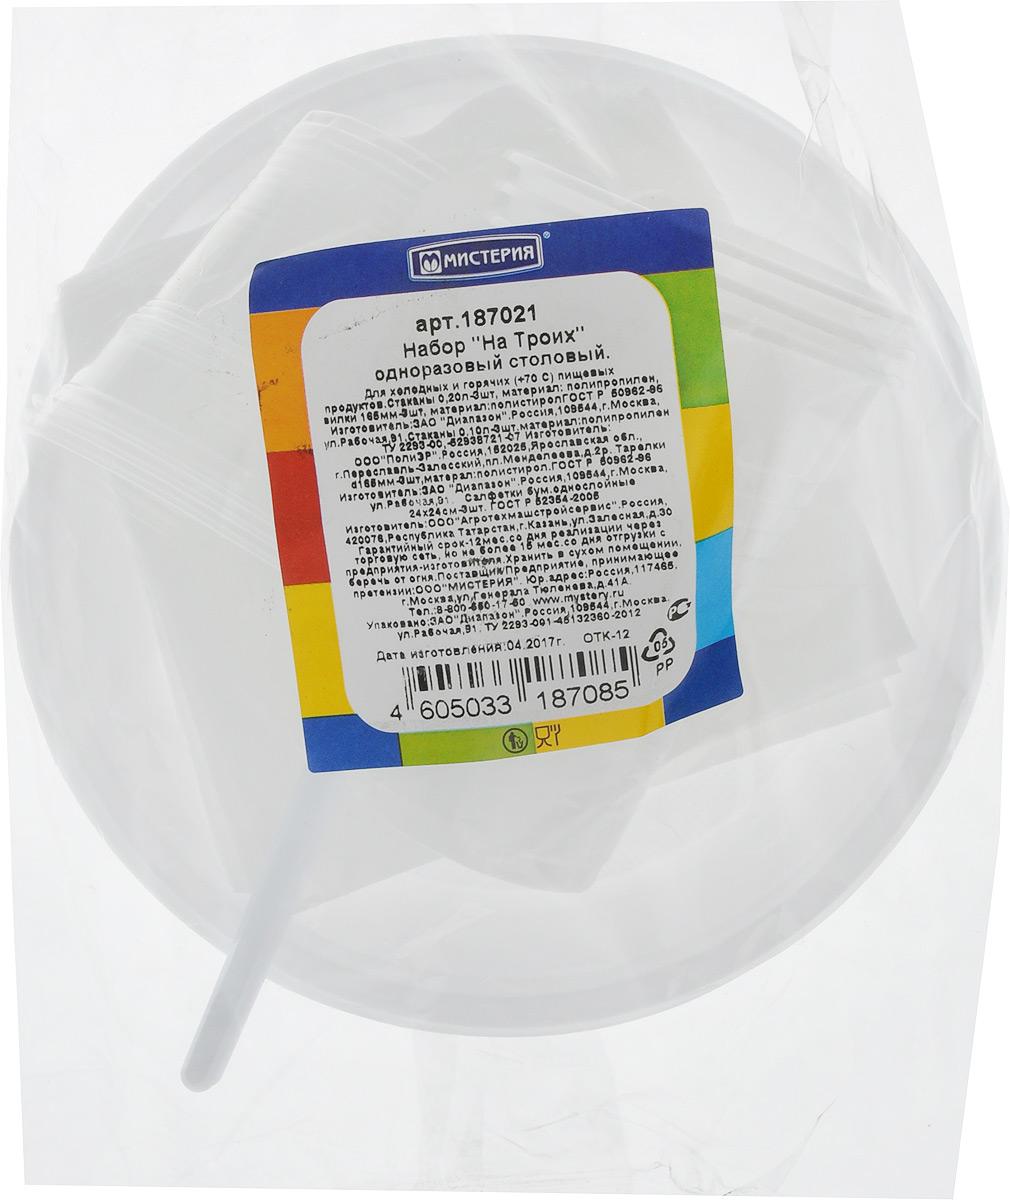 Набор одноразовой посуды Мистерия На троих, 15 предметов187021Набор одноразовой посуды Мистерия На троих на 3 персоны включает 3 тарелки, 3 вилки, 3 больших стакана, 3 маленьких стакана и 3 салфетки. Посуда выполнена из пищевого пластика, предназначена для холодных и горячих (до +70°С) пищевых продуктов. Такой набор посуды отлично подойдет для отдыха на природе. В нем есть все необходимое для пикника. Он легкий и не занимает много места, а самое главное - после использования его не надо мыть. Объем большого стакана: 200 мл. Диаметр большого стакана (по верхнему краю): 7 см. Высота большого стакана: 9,5 см. Объем маленького стакана: 100 мл. Диаметр маленького стакана (по верхнему краю): 6,5 см. Высота маленького стакана: 6,5 см. Диаметр тарелки: 16,5 см. Длина вилки: 16,5 см. Размер салфетки: 24 х 24 см.